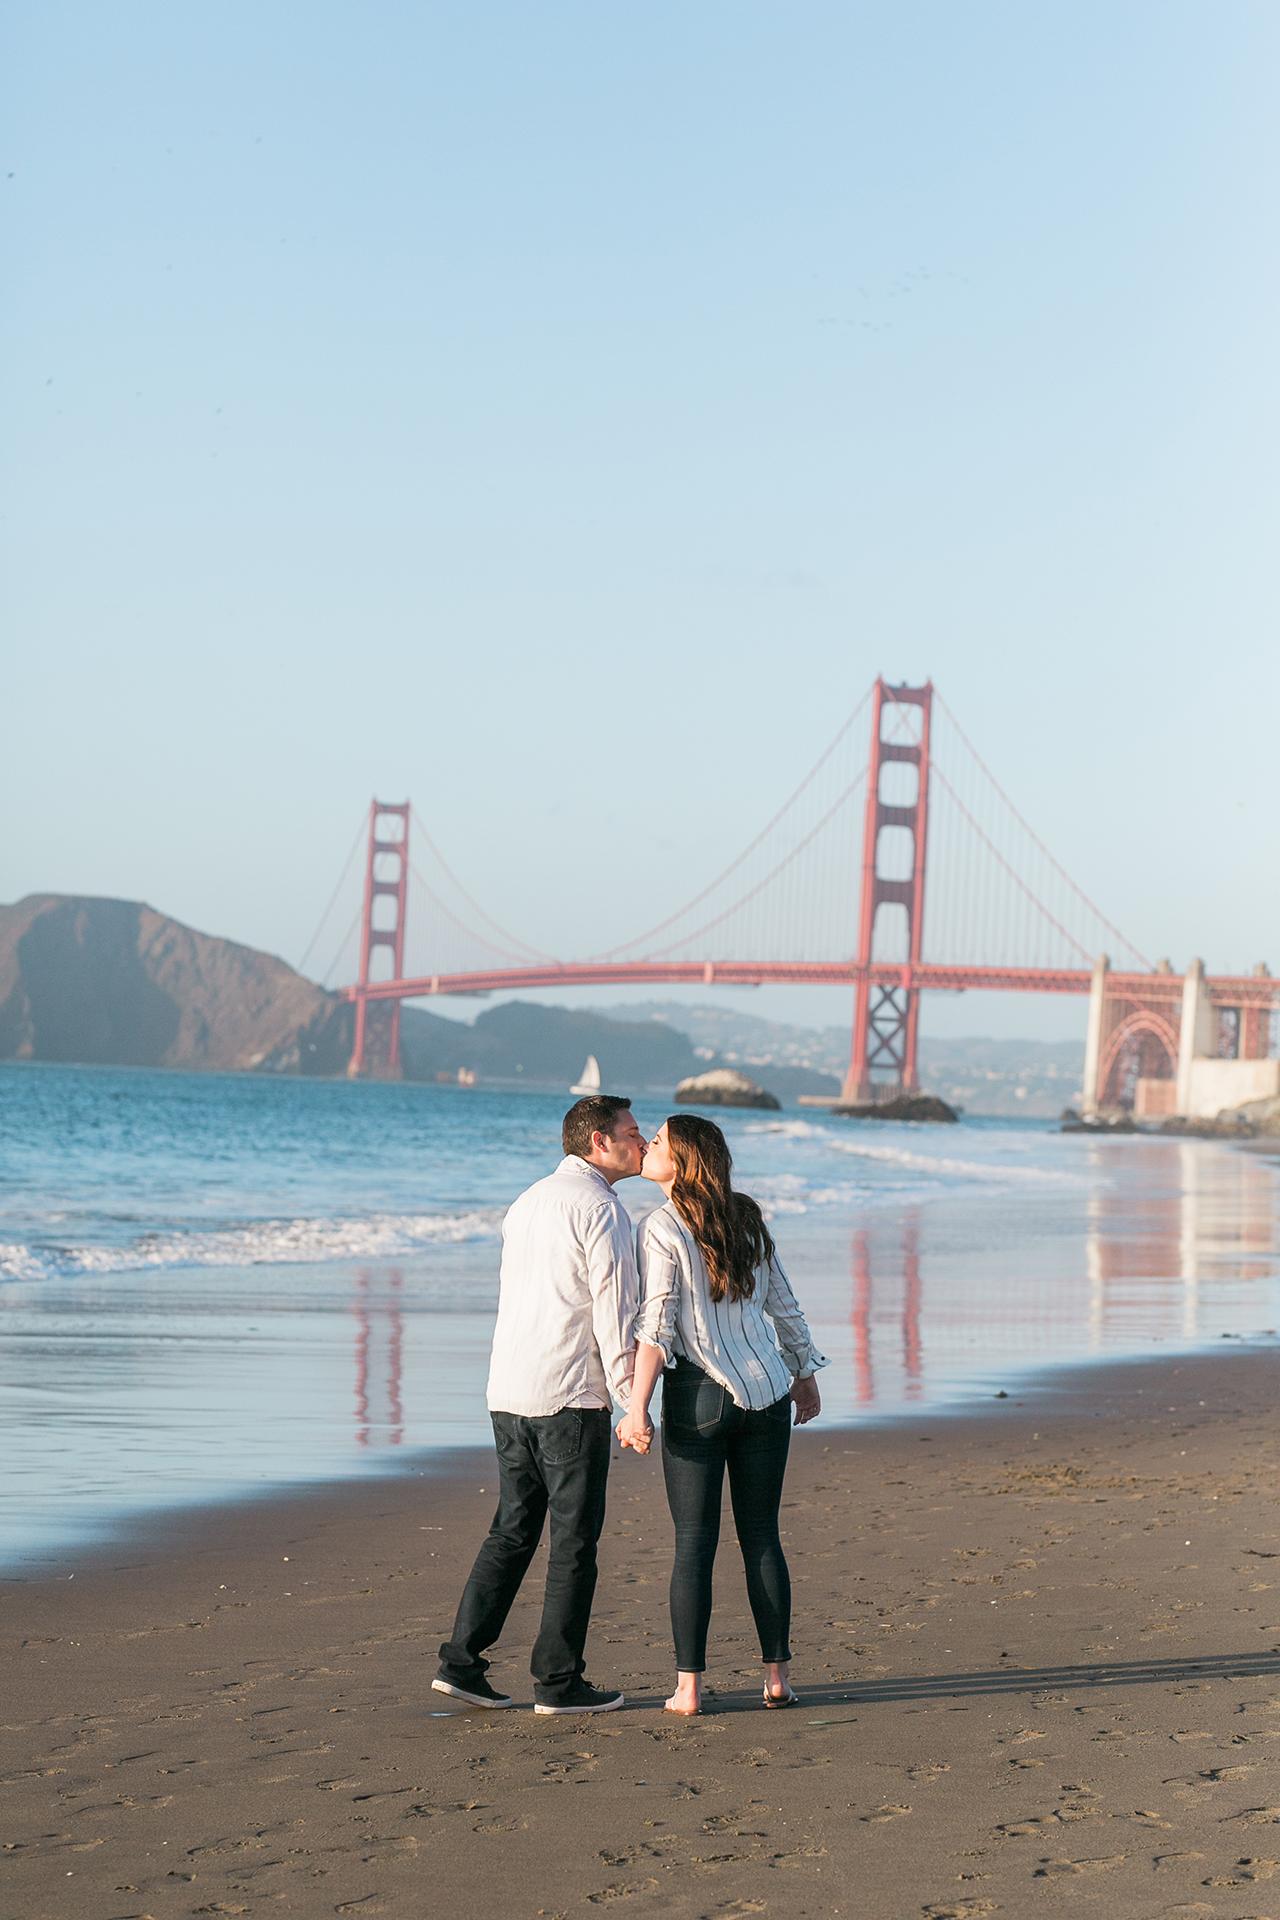 San_Francisco_Baker_Beach_Engagement_Session_002.jpg